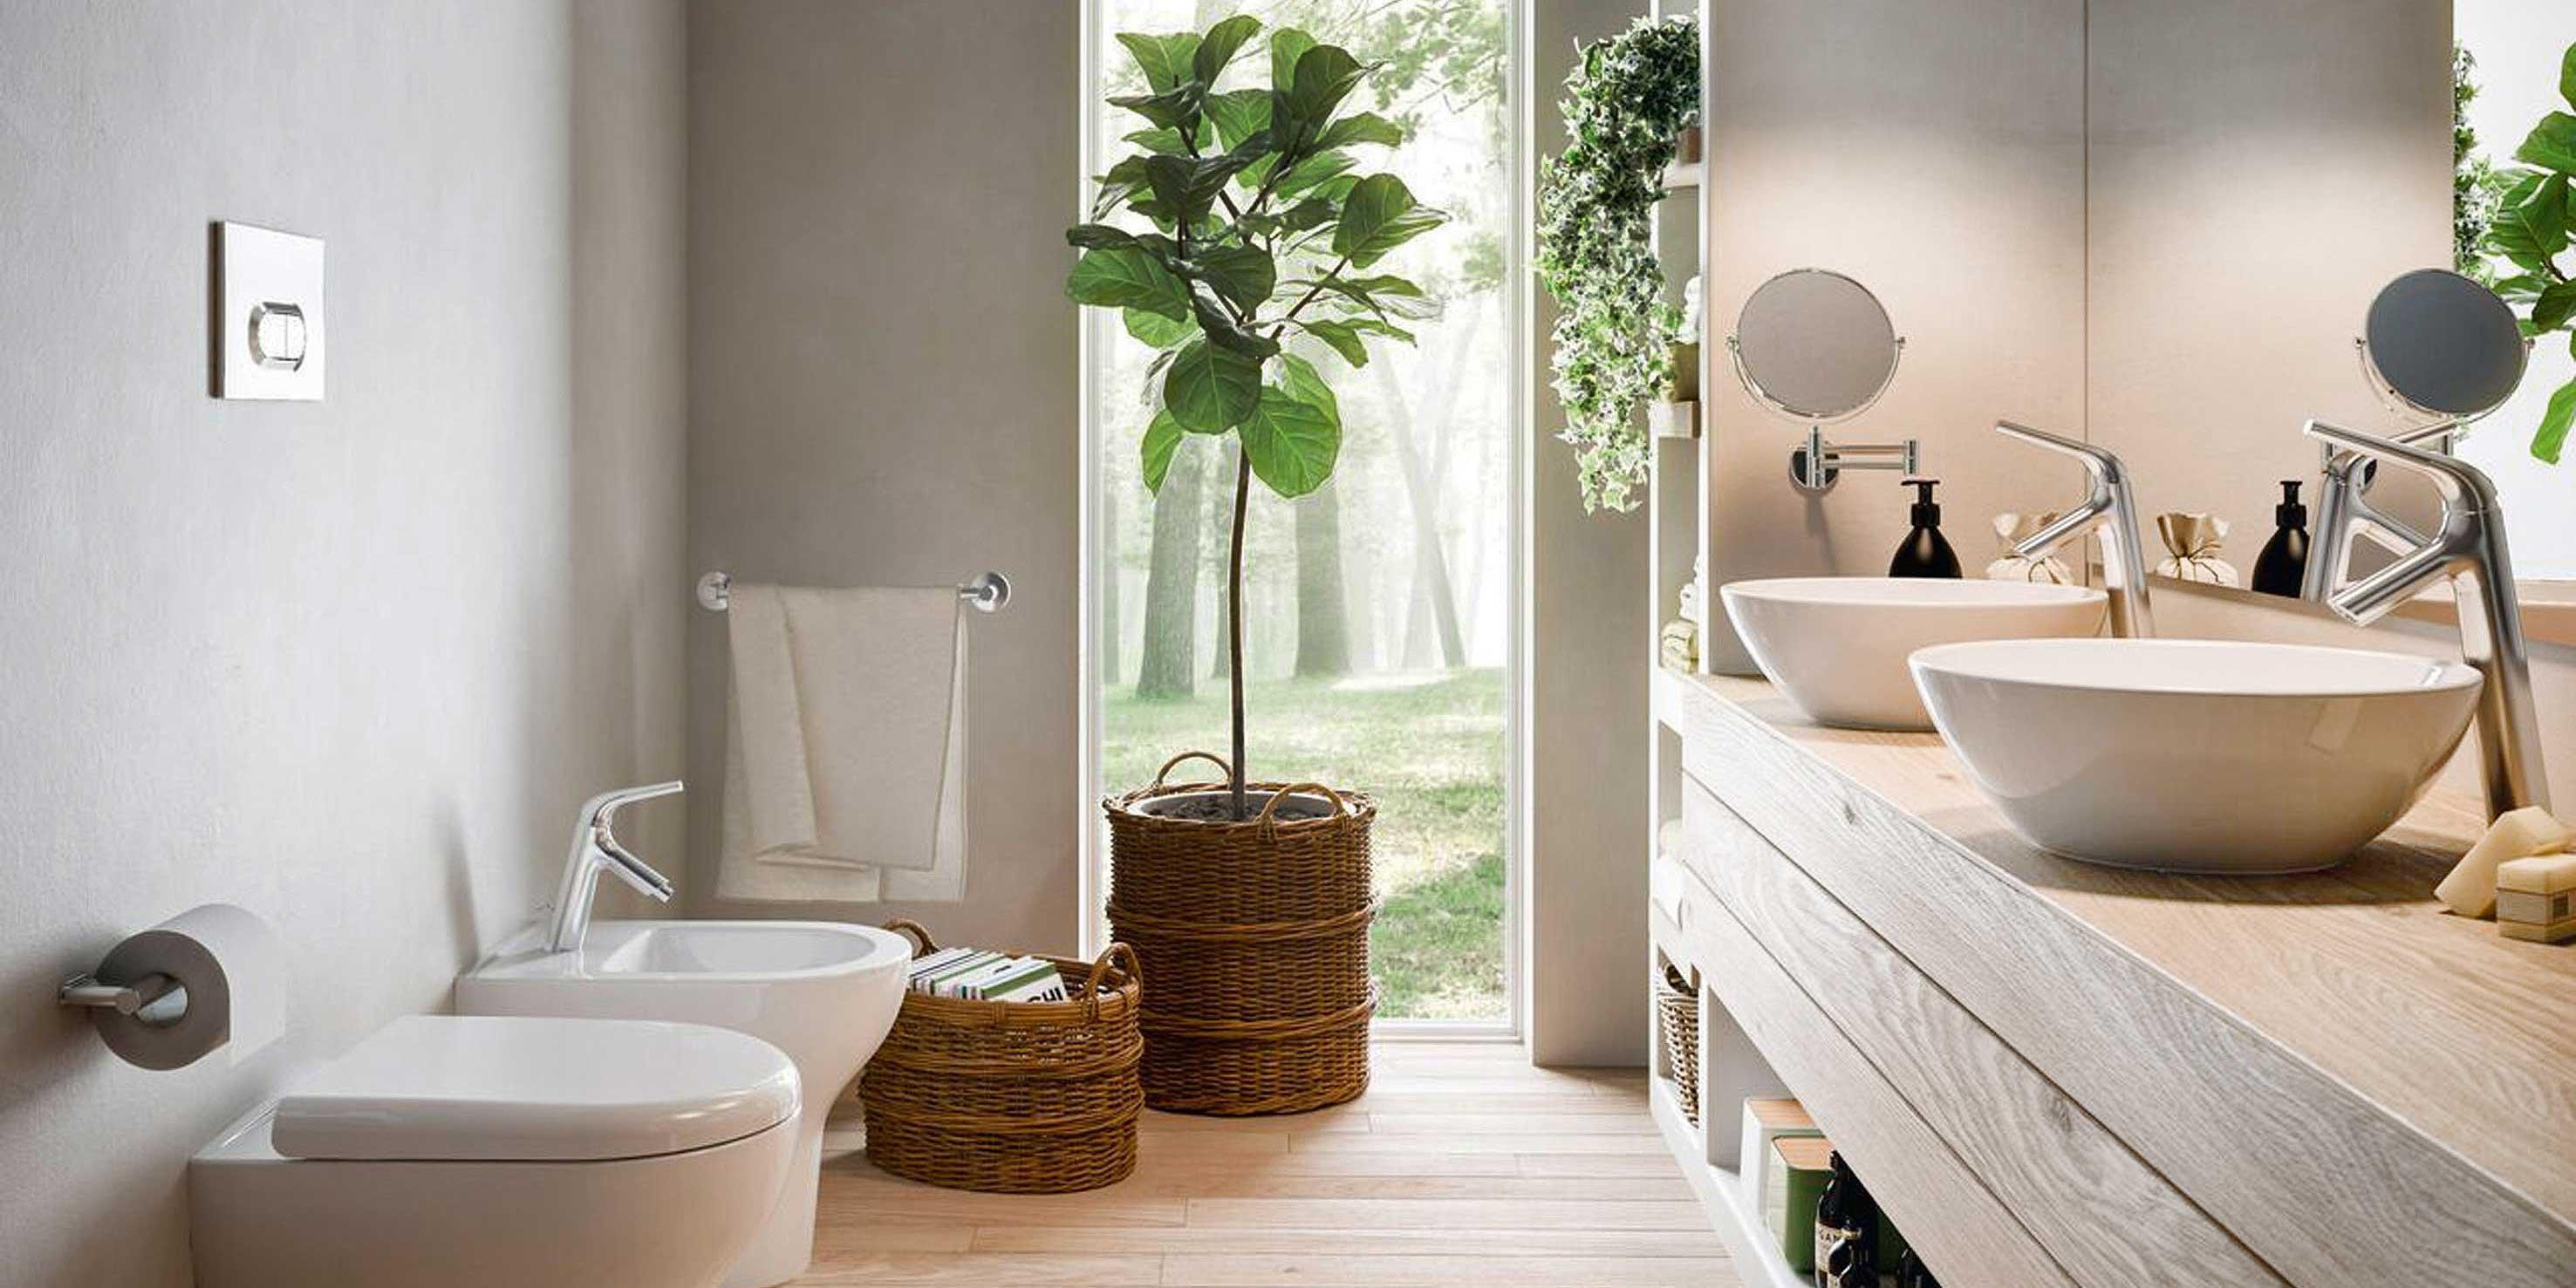 Piante per arredare il bagno cose di casa for Arredo interni idee